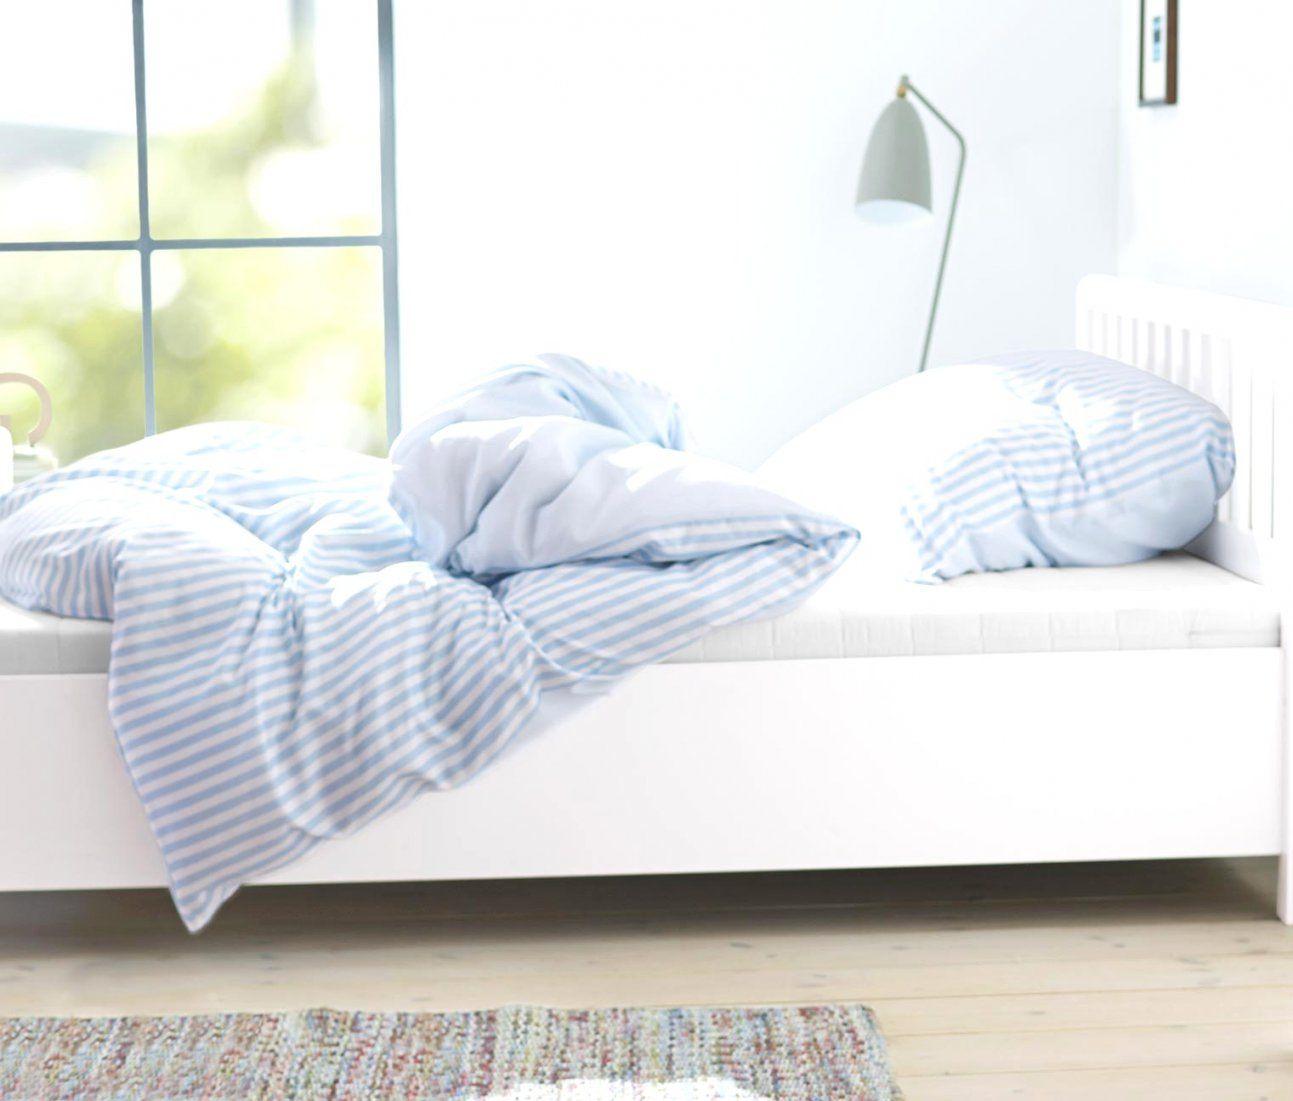 Intelligente Inspiration Normale Bettwäsche Maße Und Schöne Normal von Normale Bettwäsche Maße Bild